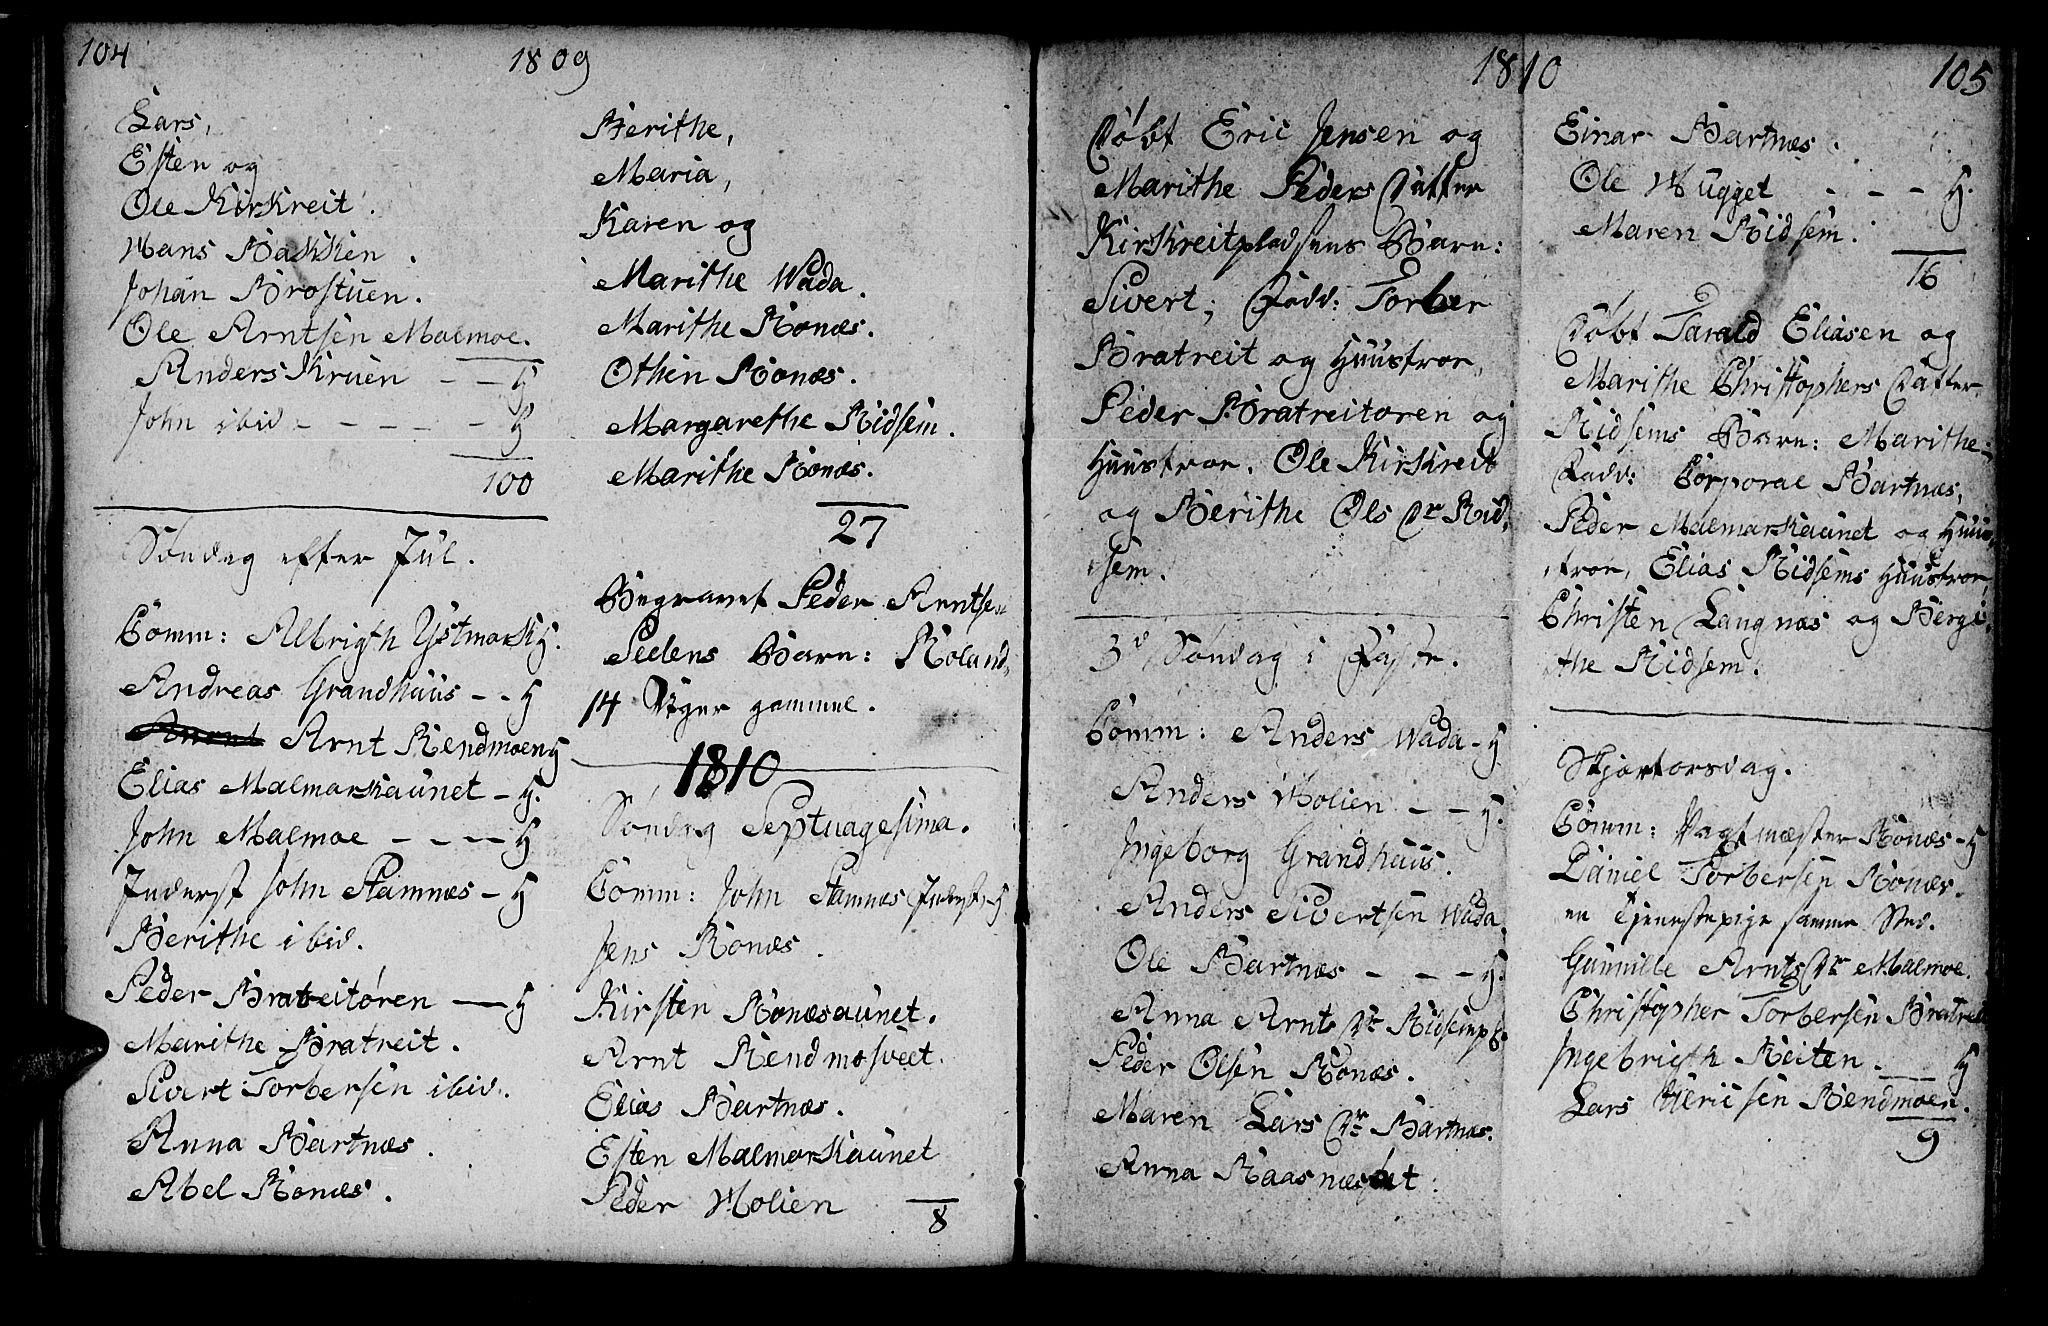 SAT, Ministerialprotokoller, klokkerbøker og fødselsregistre - Nord-Trøndelag, 745/L0432: Klokkerbok nr. 745C01, 1802-1814, s. 104-105